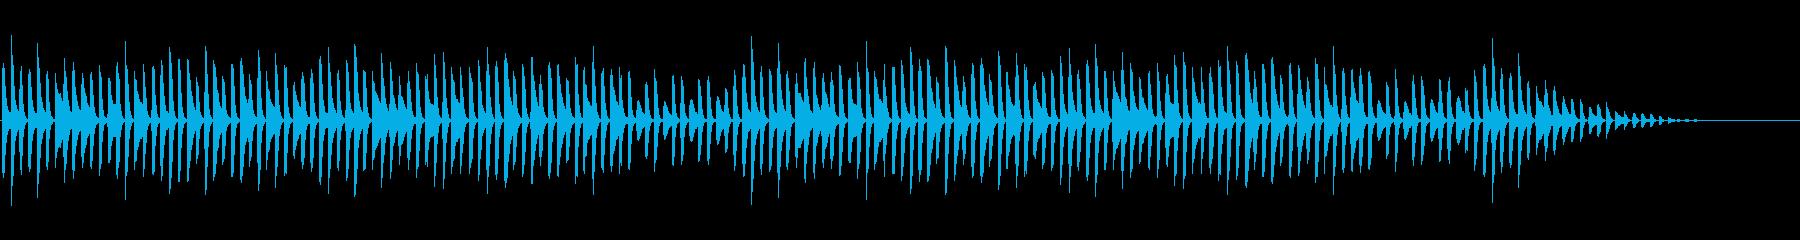 童謡「かっこう」シンプルなピアノソロの再生済みの波形